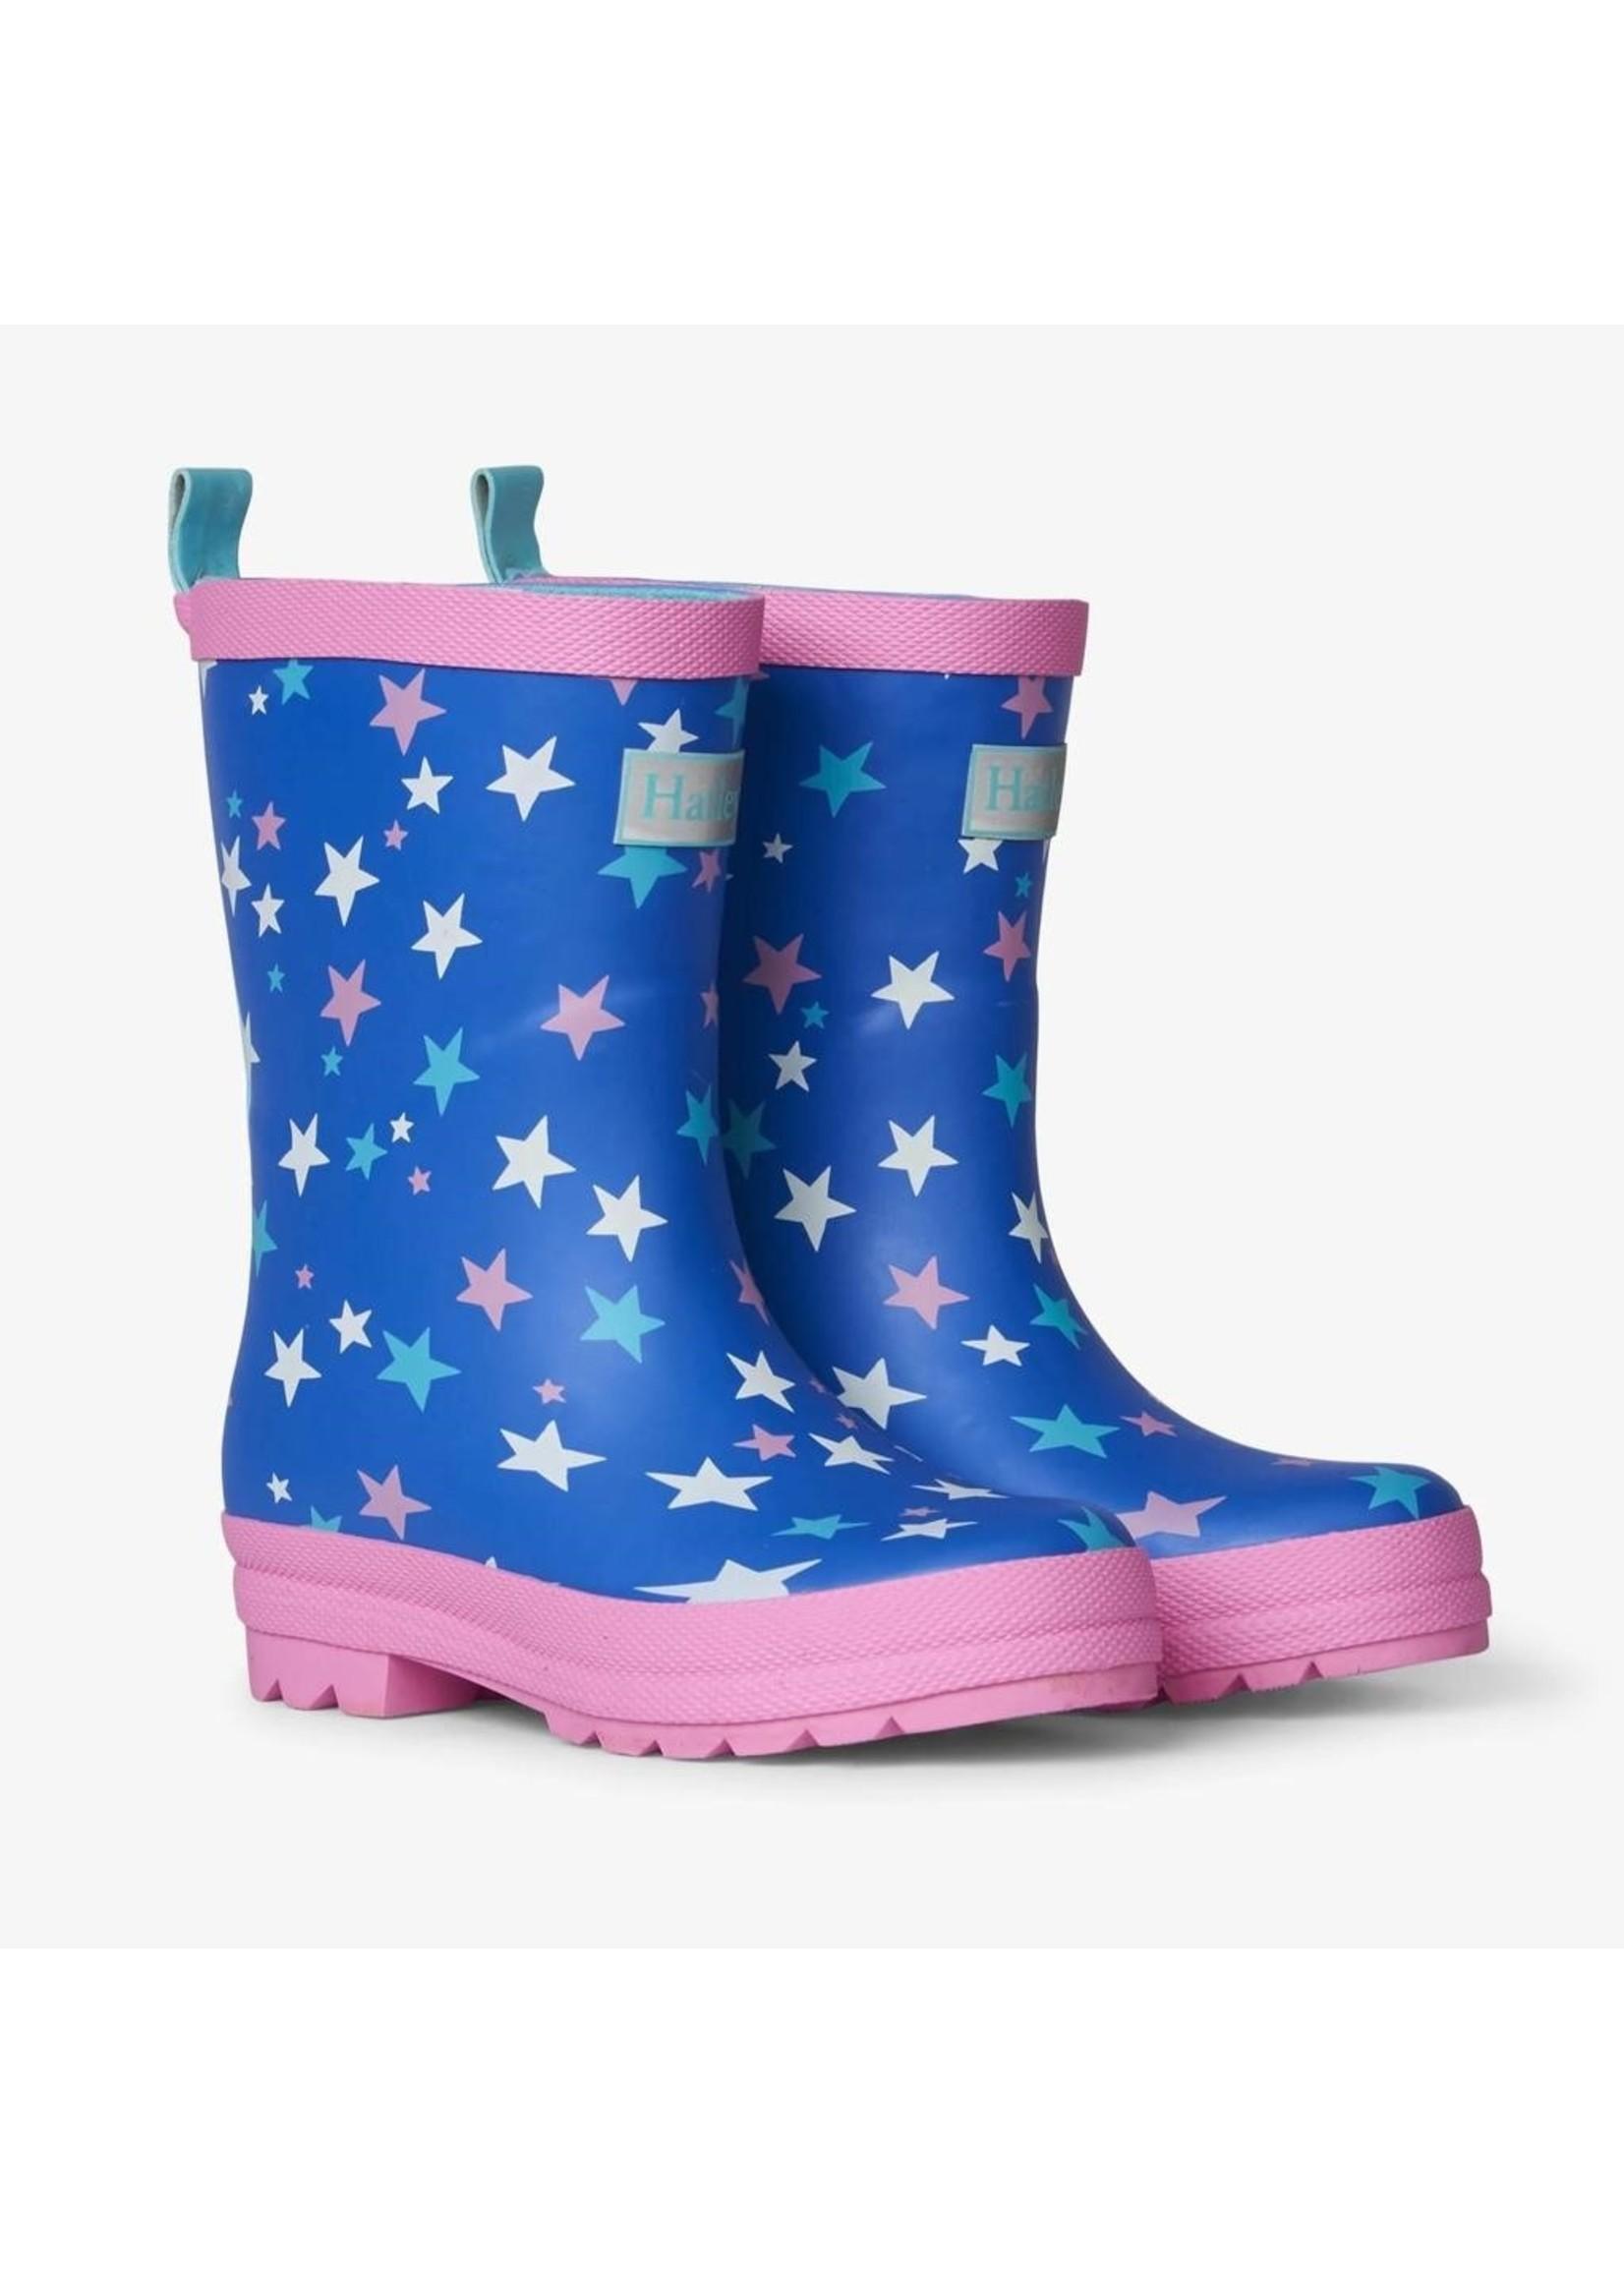 Hatley GALACTIC STARS RAIN BOOTS F19GSK1367